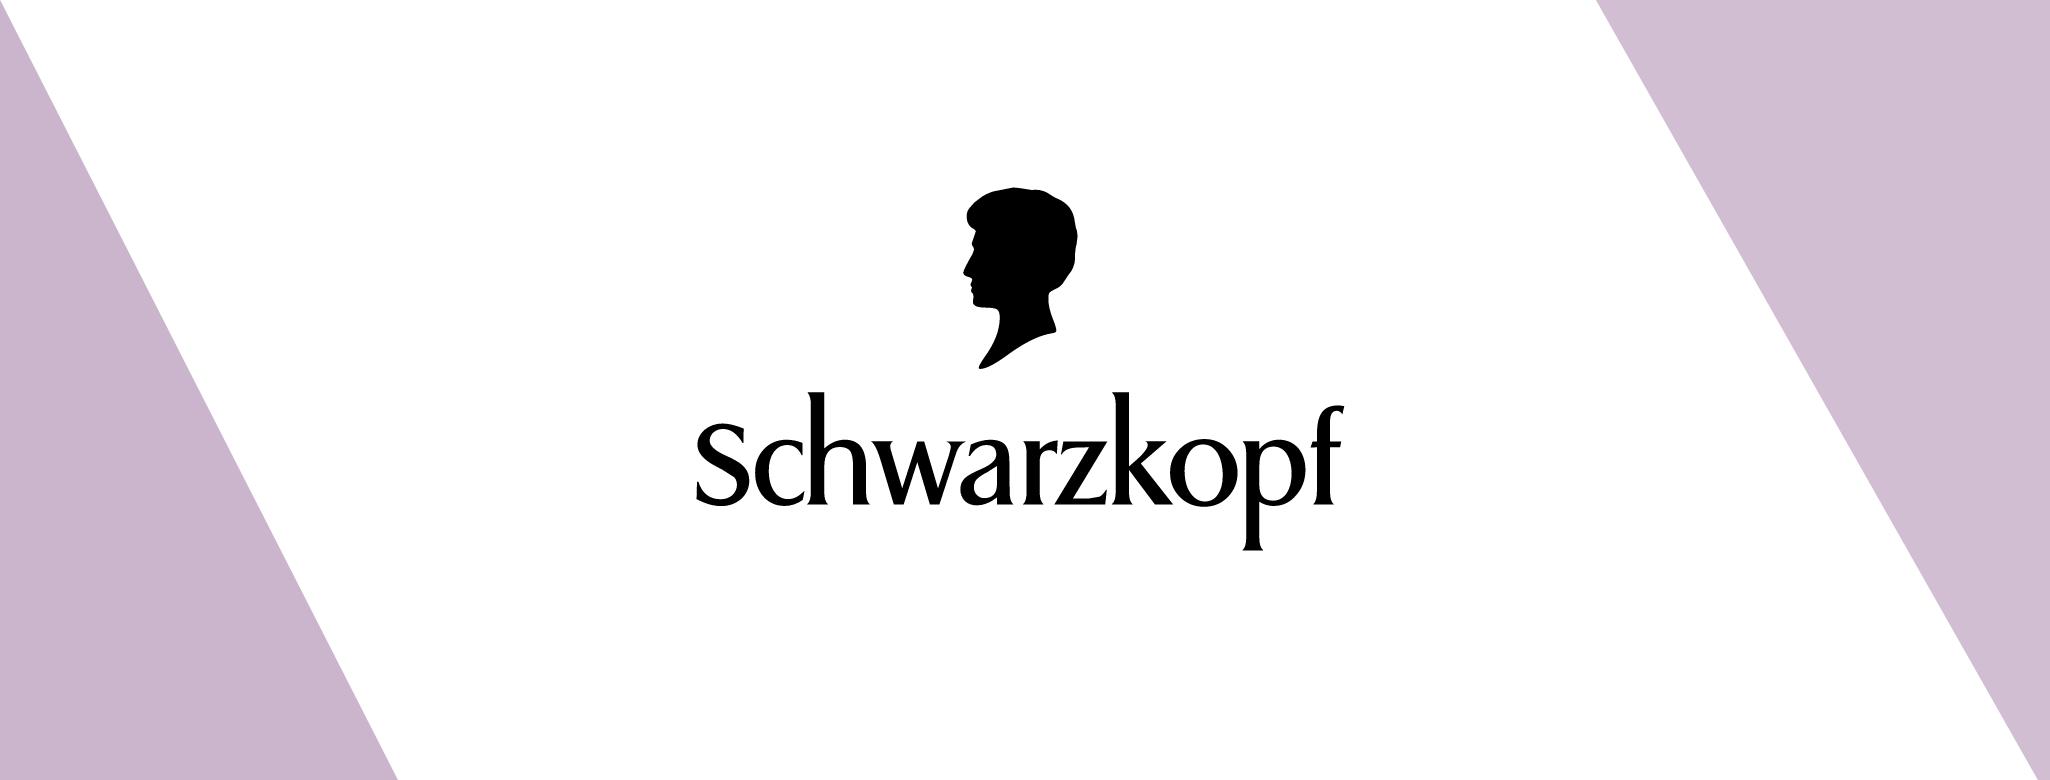 Schwarzkopf Banner til Brand siden